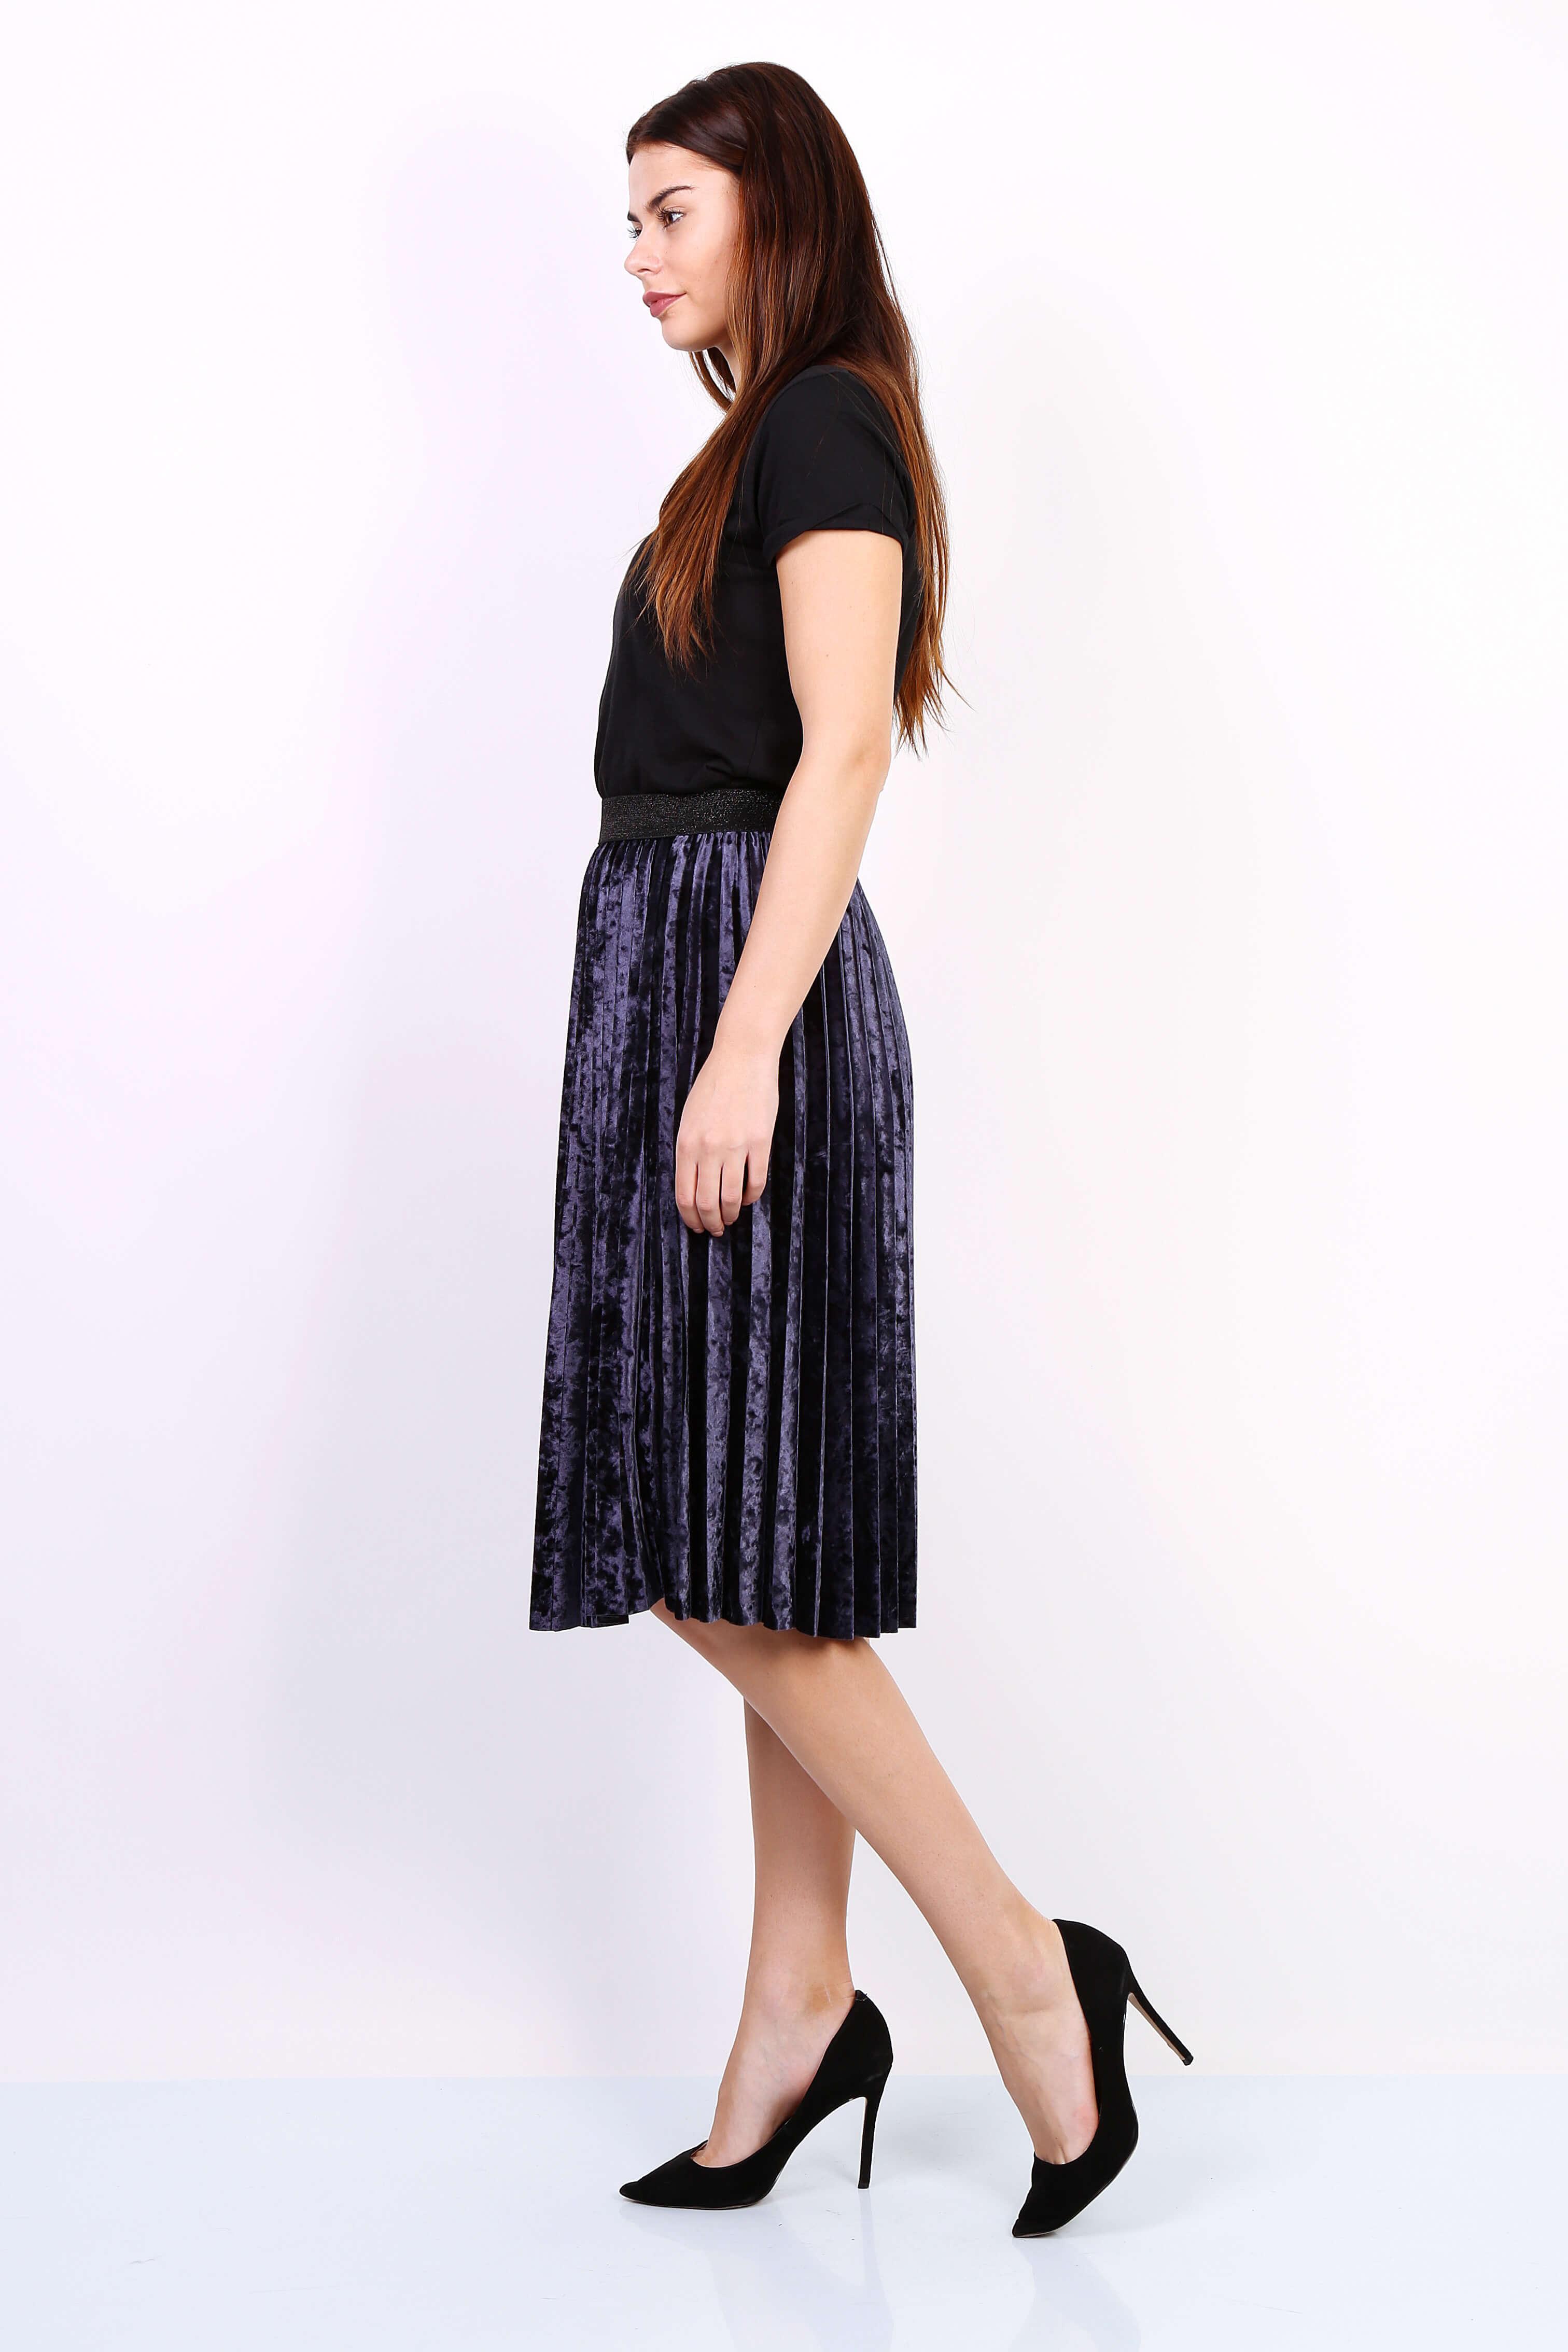 b3fe01db45a0 Tmavomodrá plisovaná stredne dlhá sukňa - ROUZIT.SK